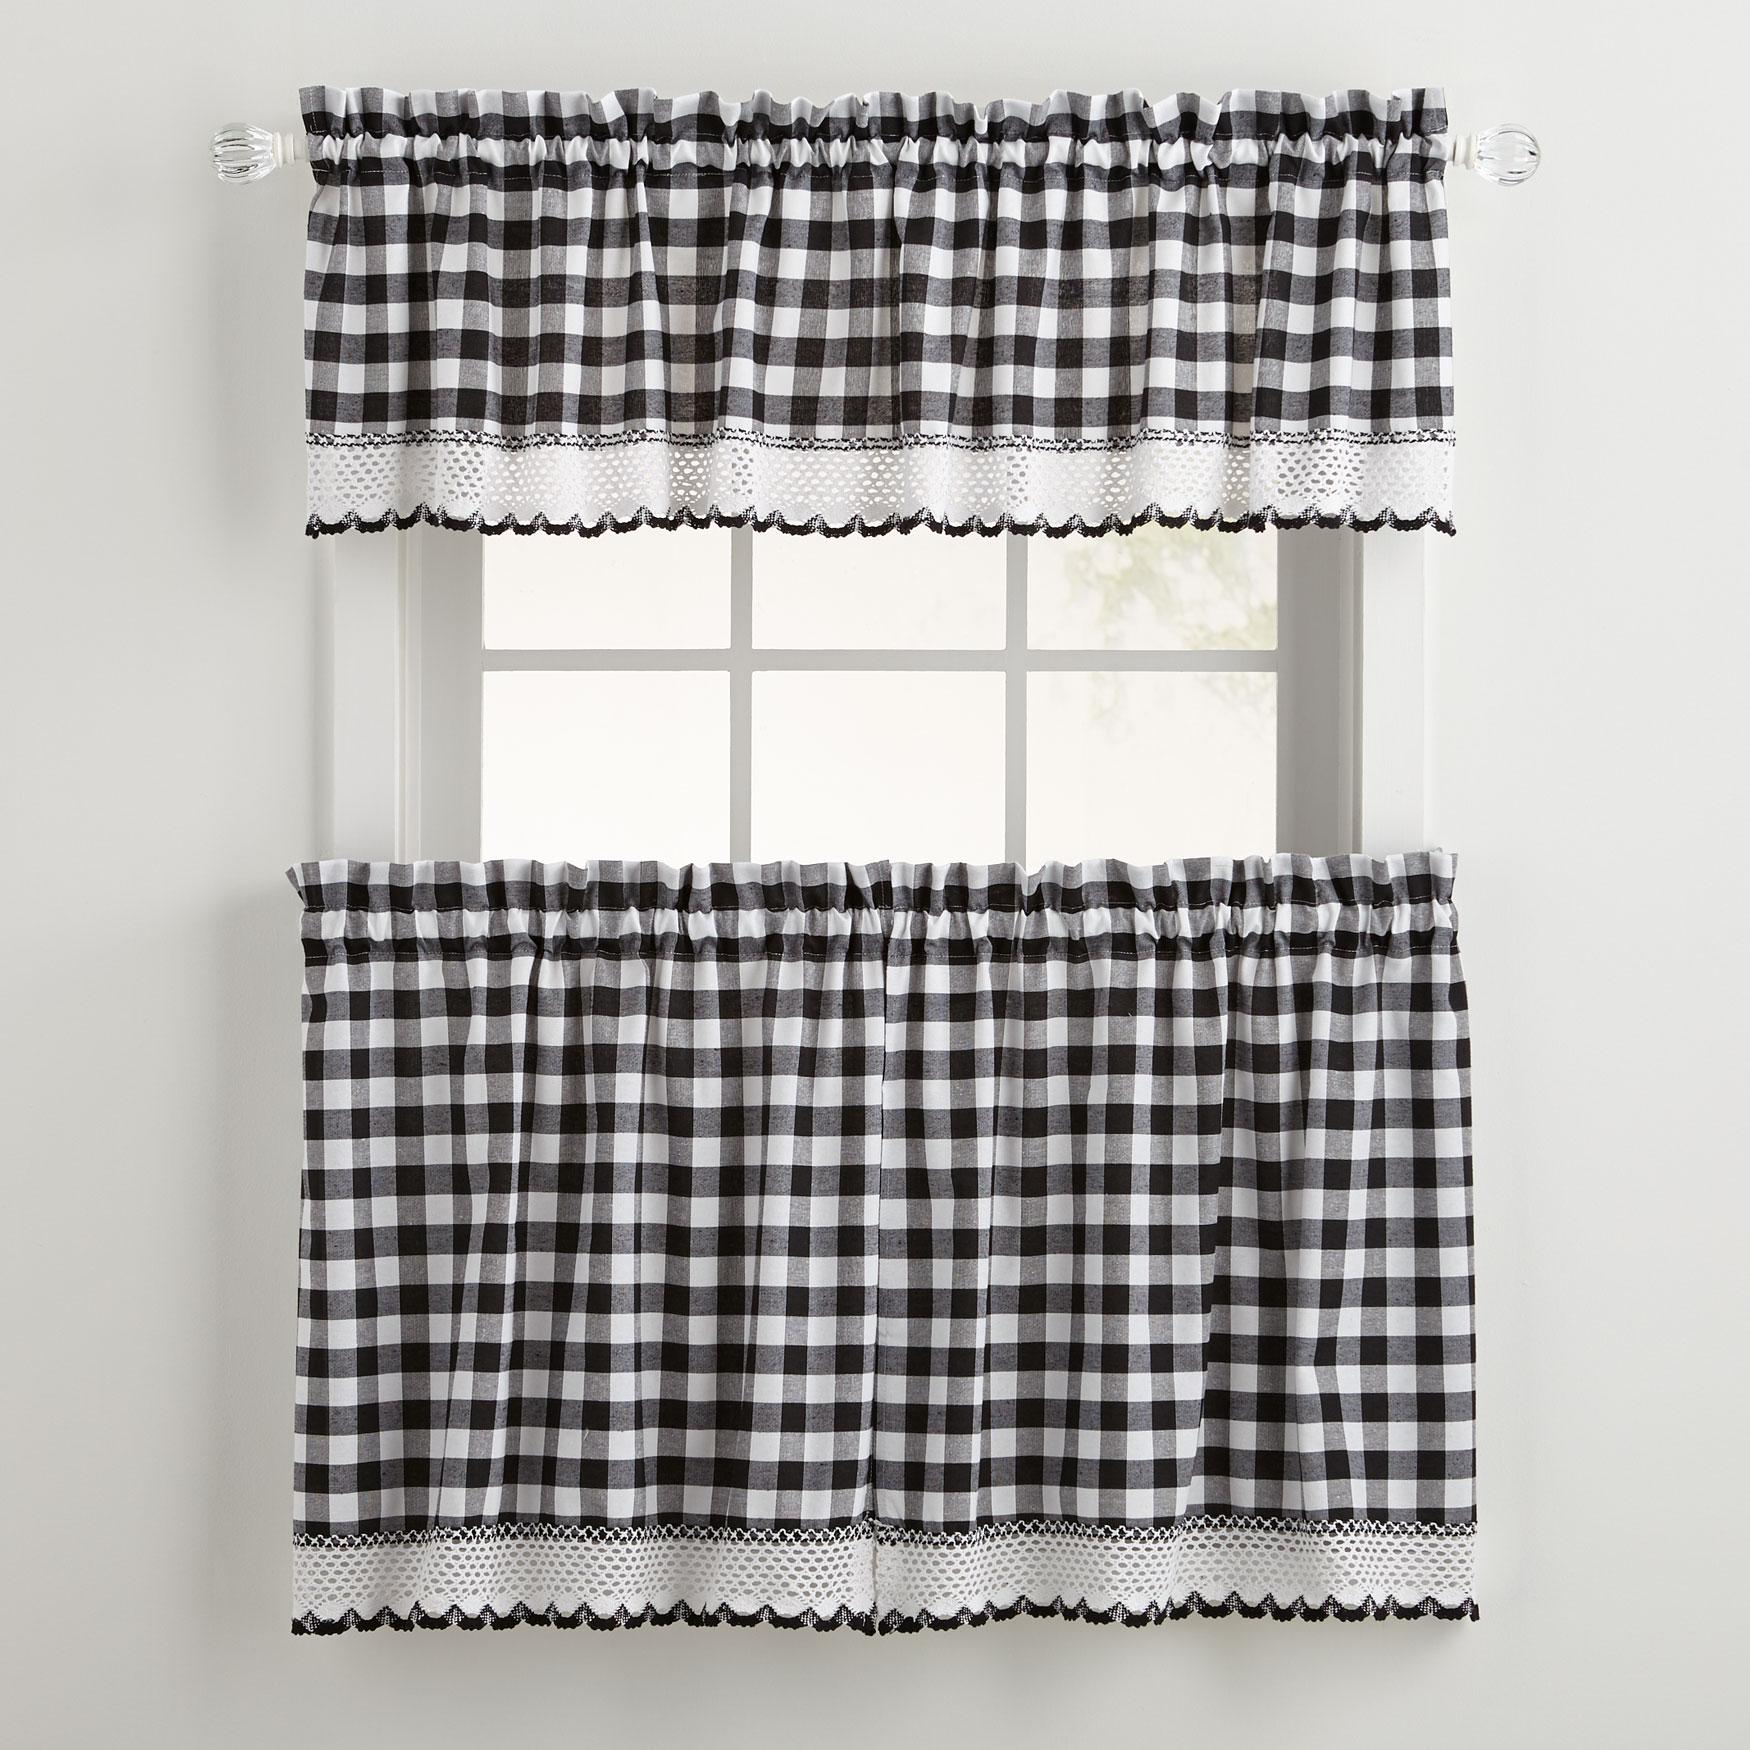 Brylane Home Kitchen: Buffalo Tier Curtain